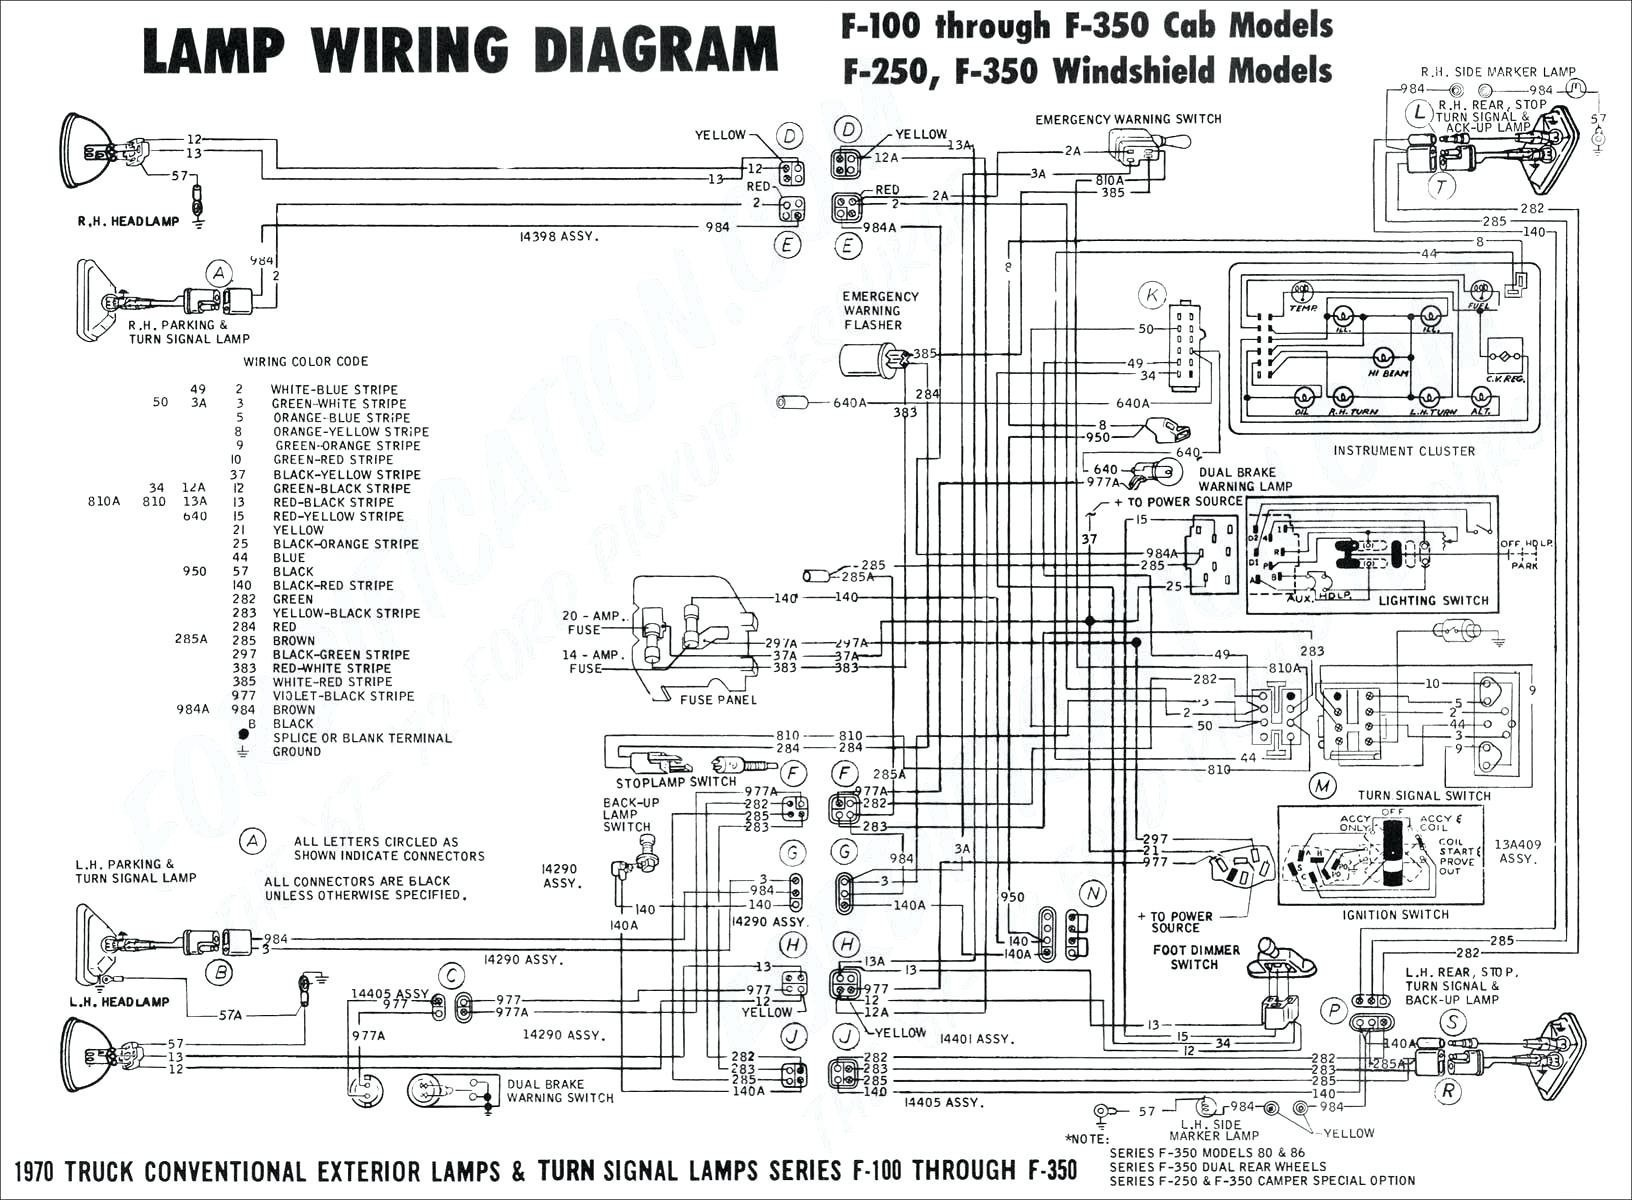 Pioneer Deh-17 Wiring Diagram Pool Light Wiring Diagram Of Pioneer Deh-17 Wiring Diagram